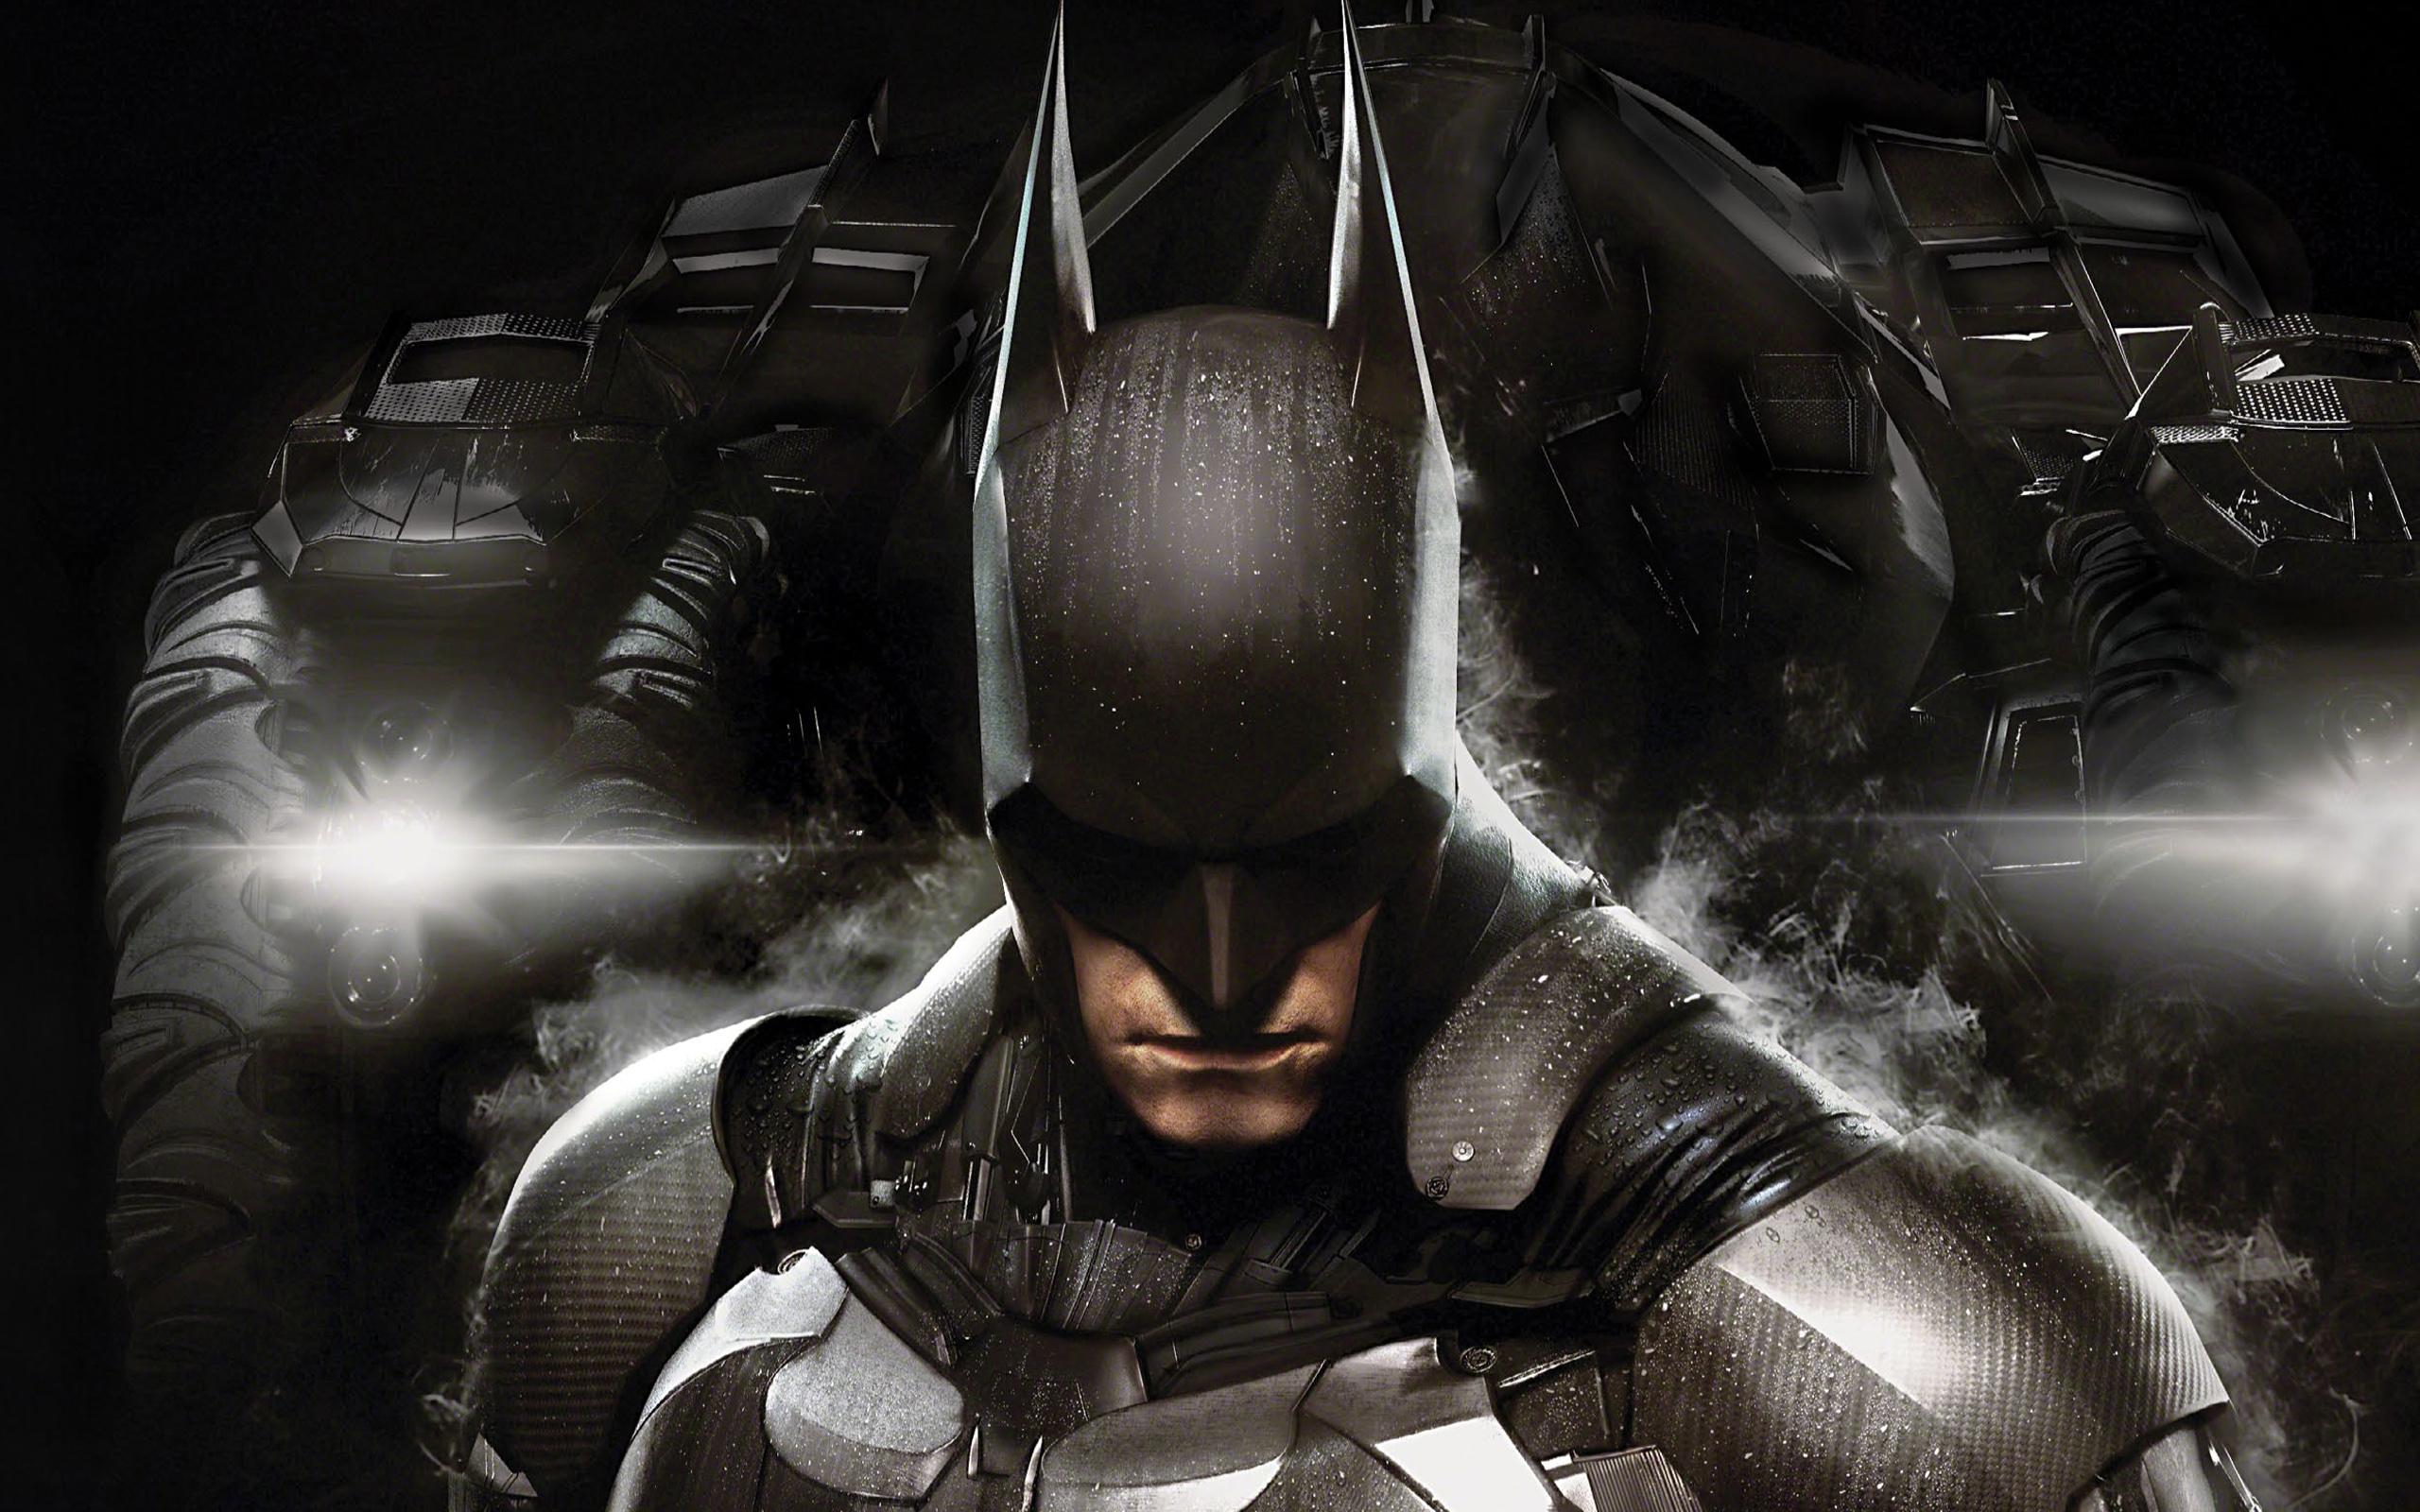 Oblivion 2013 Movie 4k Hd Desktop Wallpaper For 4k Ultra: Batman 4K Wallpaper